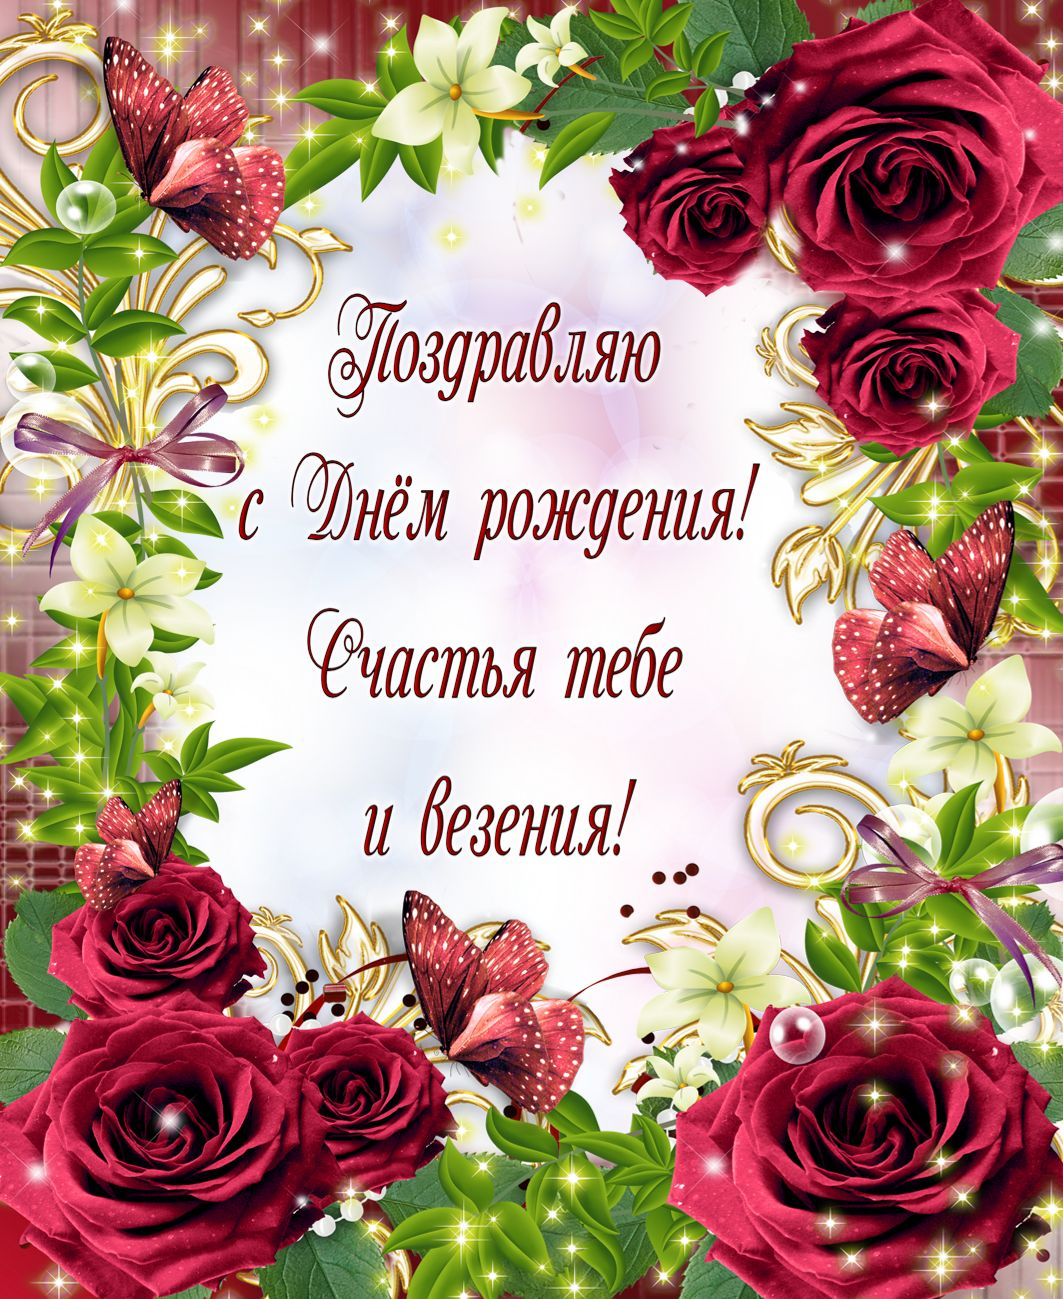 Поздравление в оформлении из роз